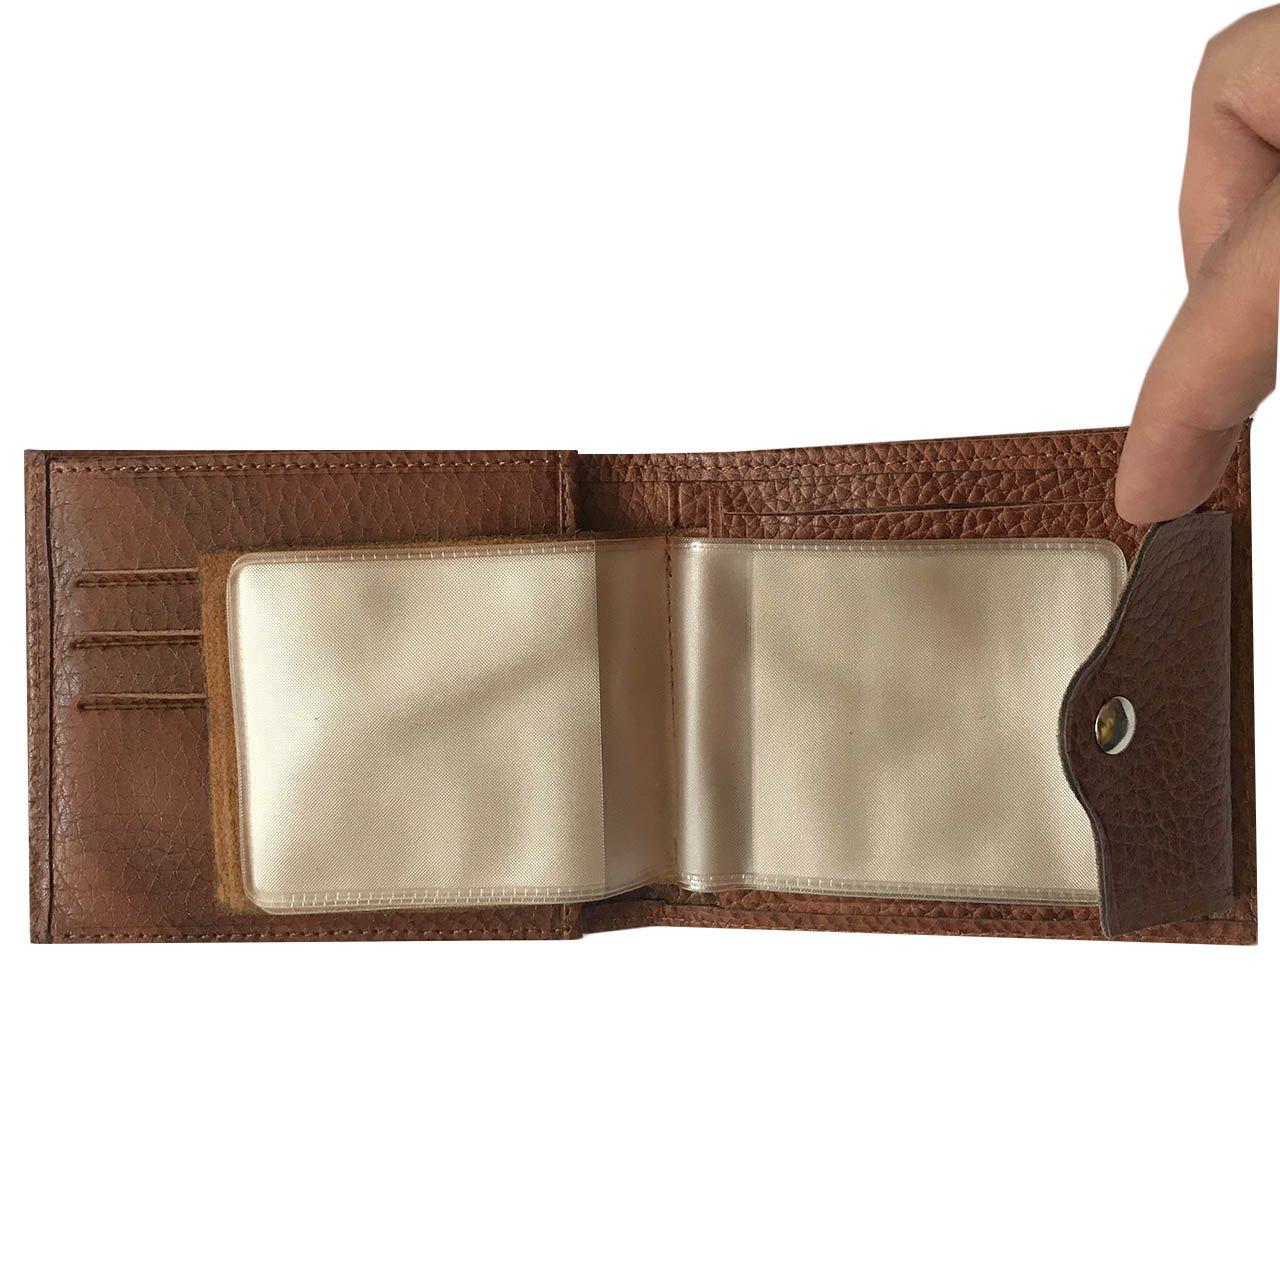 کیف پول مردانه رایا چرم مدل ELIA -  - 5